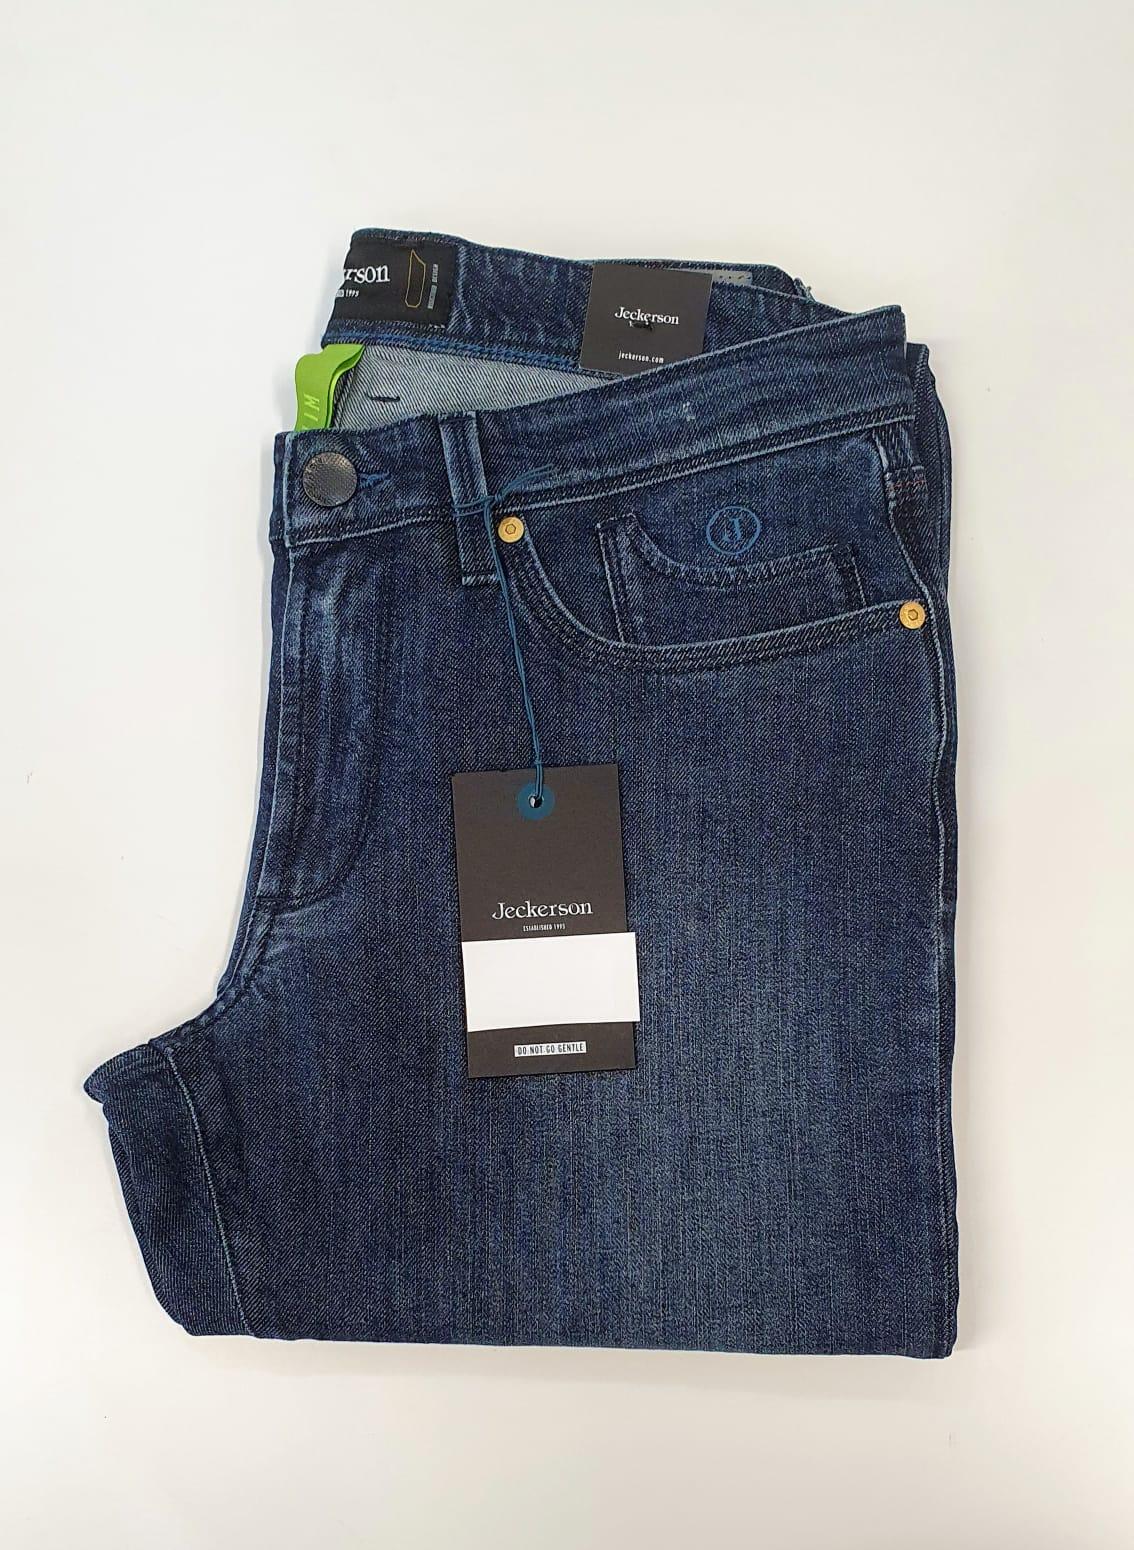 JECKERSON Jeans uomo 5 tasche slim in denim